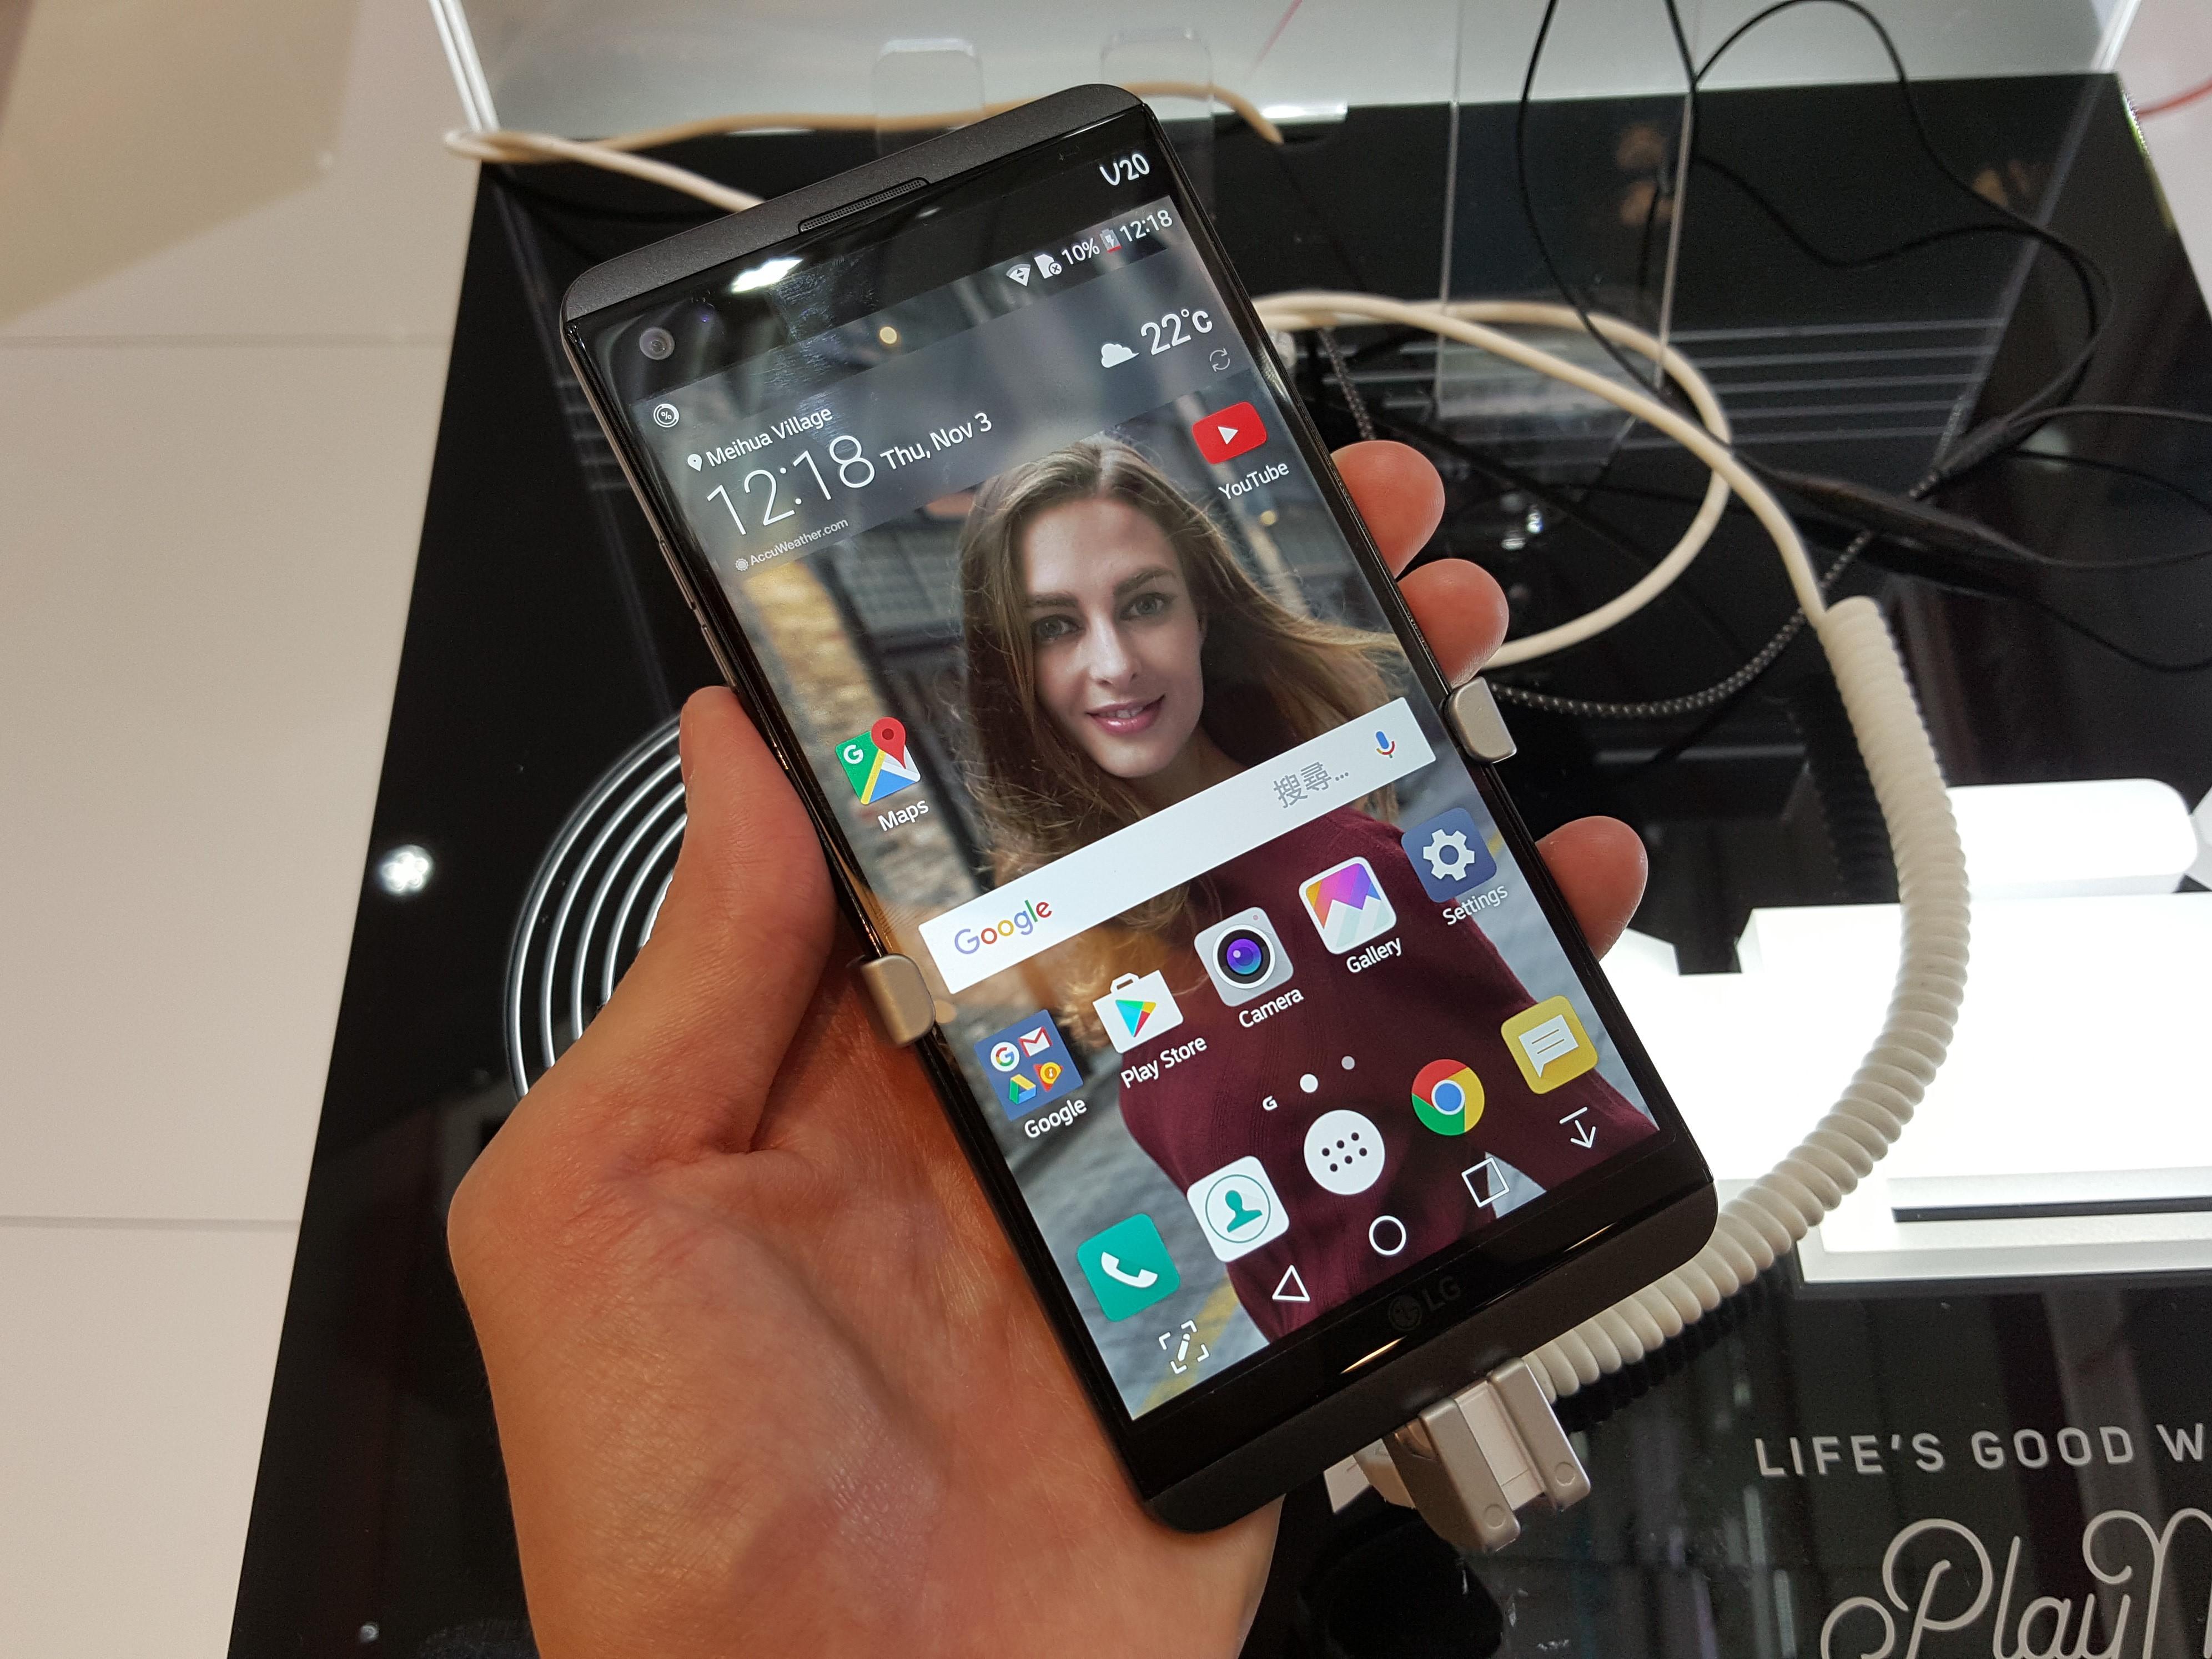 1ShopMobile.comでLG V20 LG-H990Nの取扱いがスタート